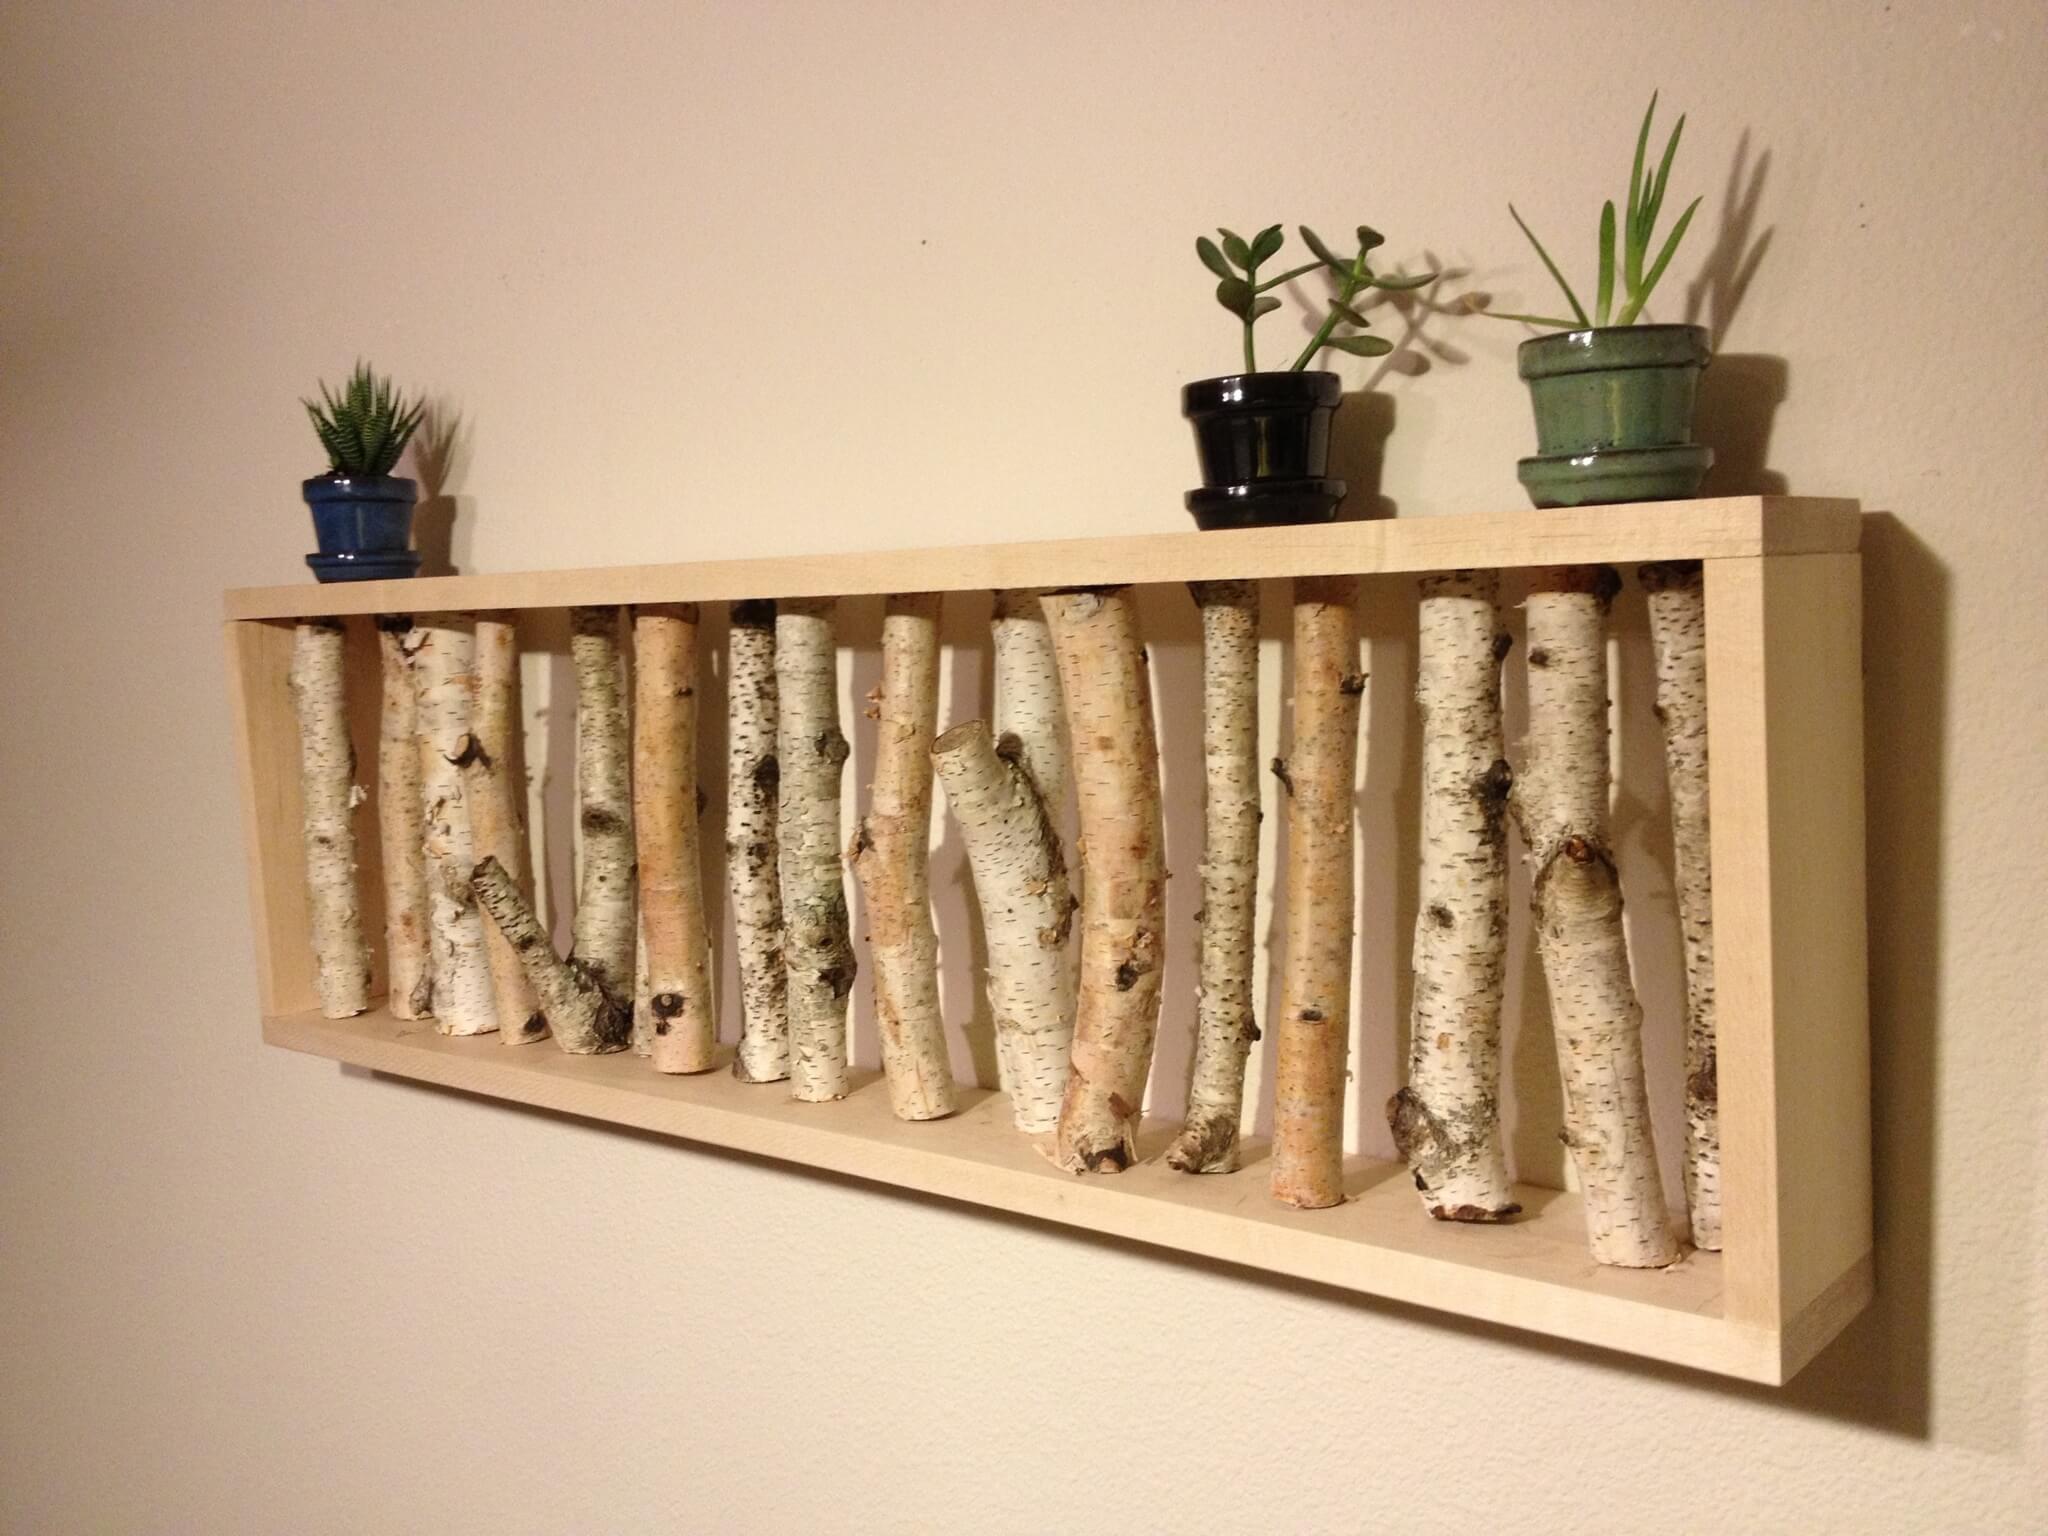 artesanato em madeira nicho com pequenos galhos